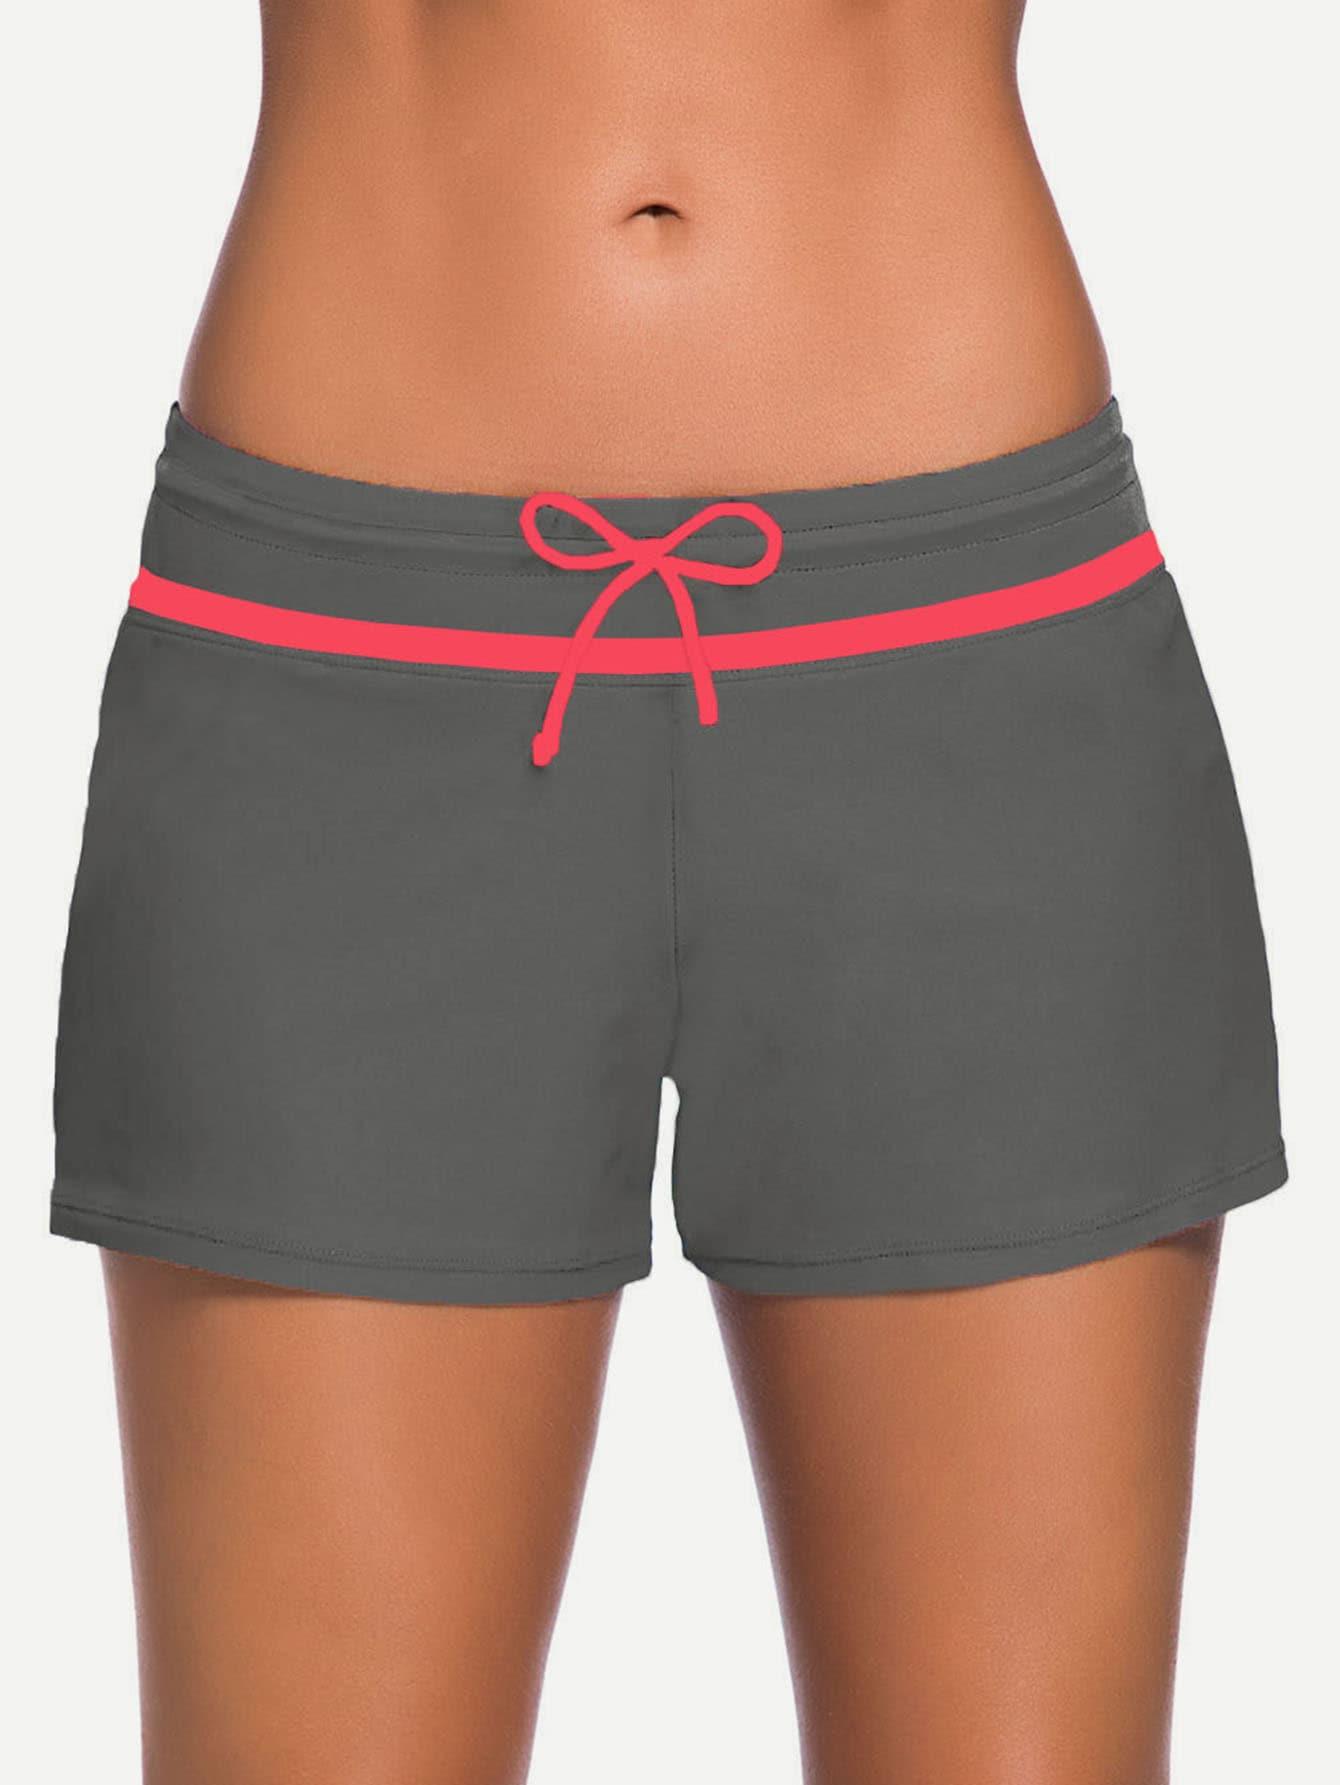 Фото Contrast Trim Side Slit Drawstring Swim Shorts. Купить с доставкой